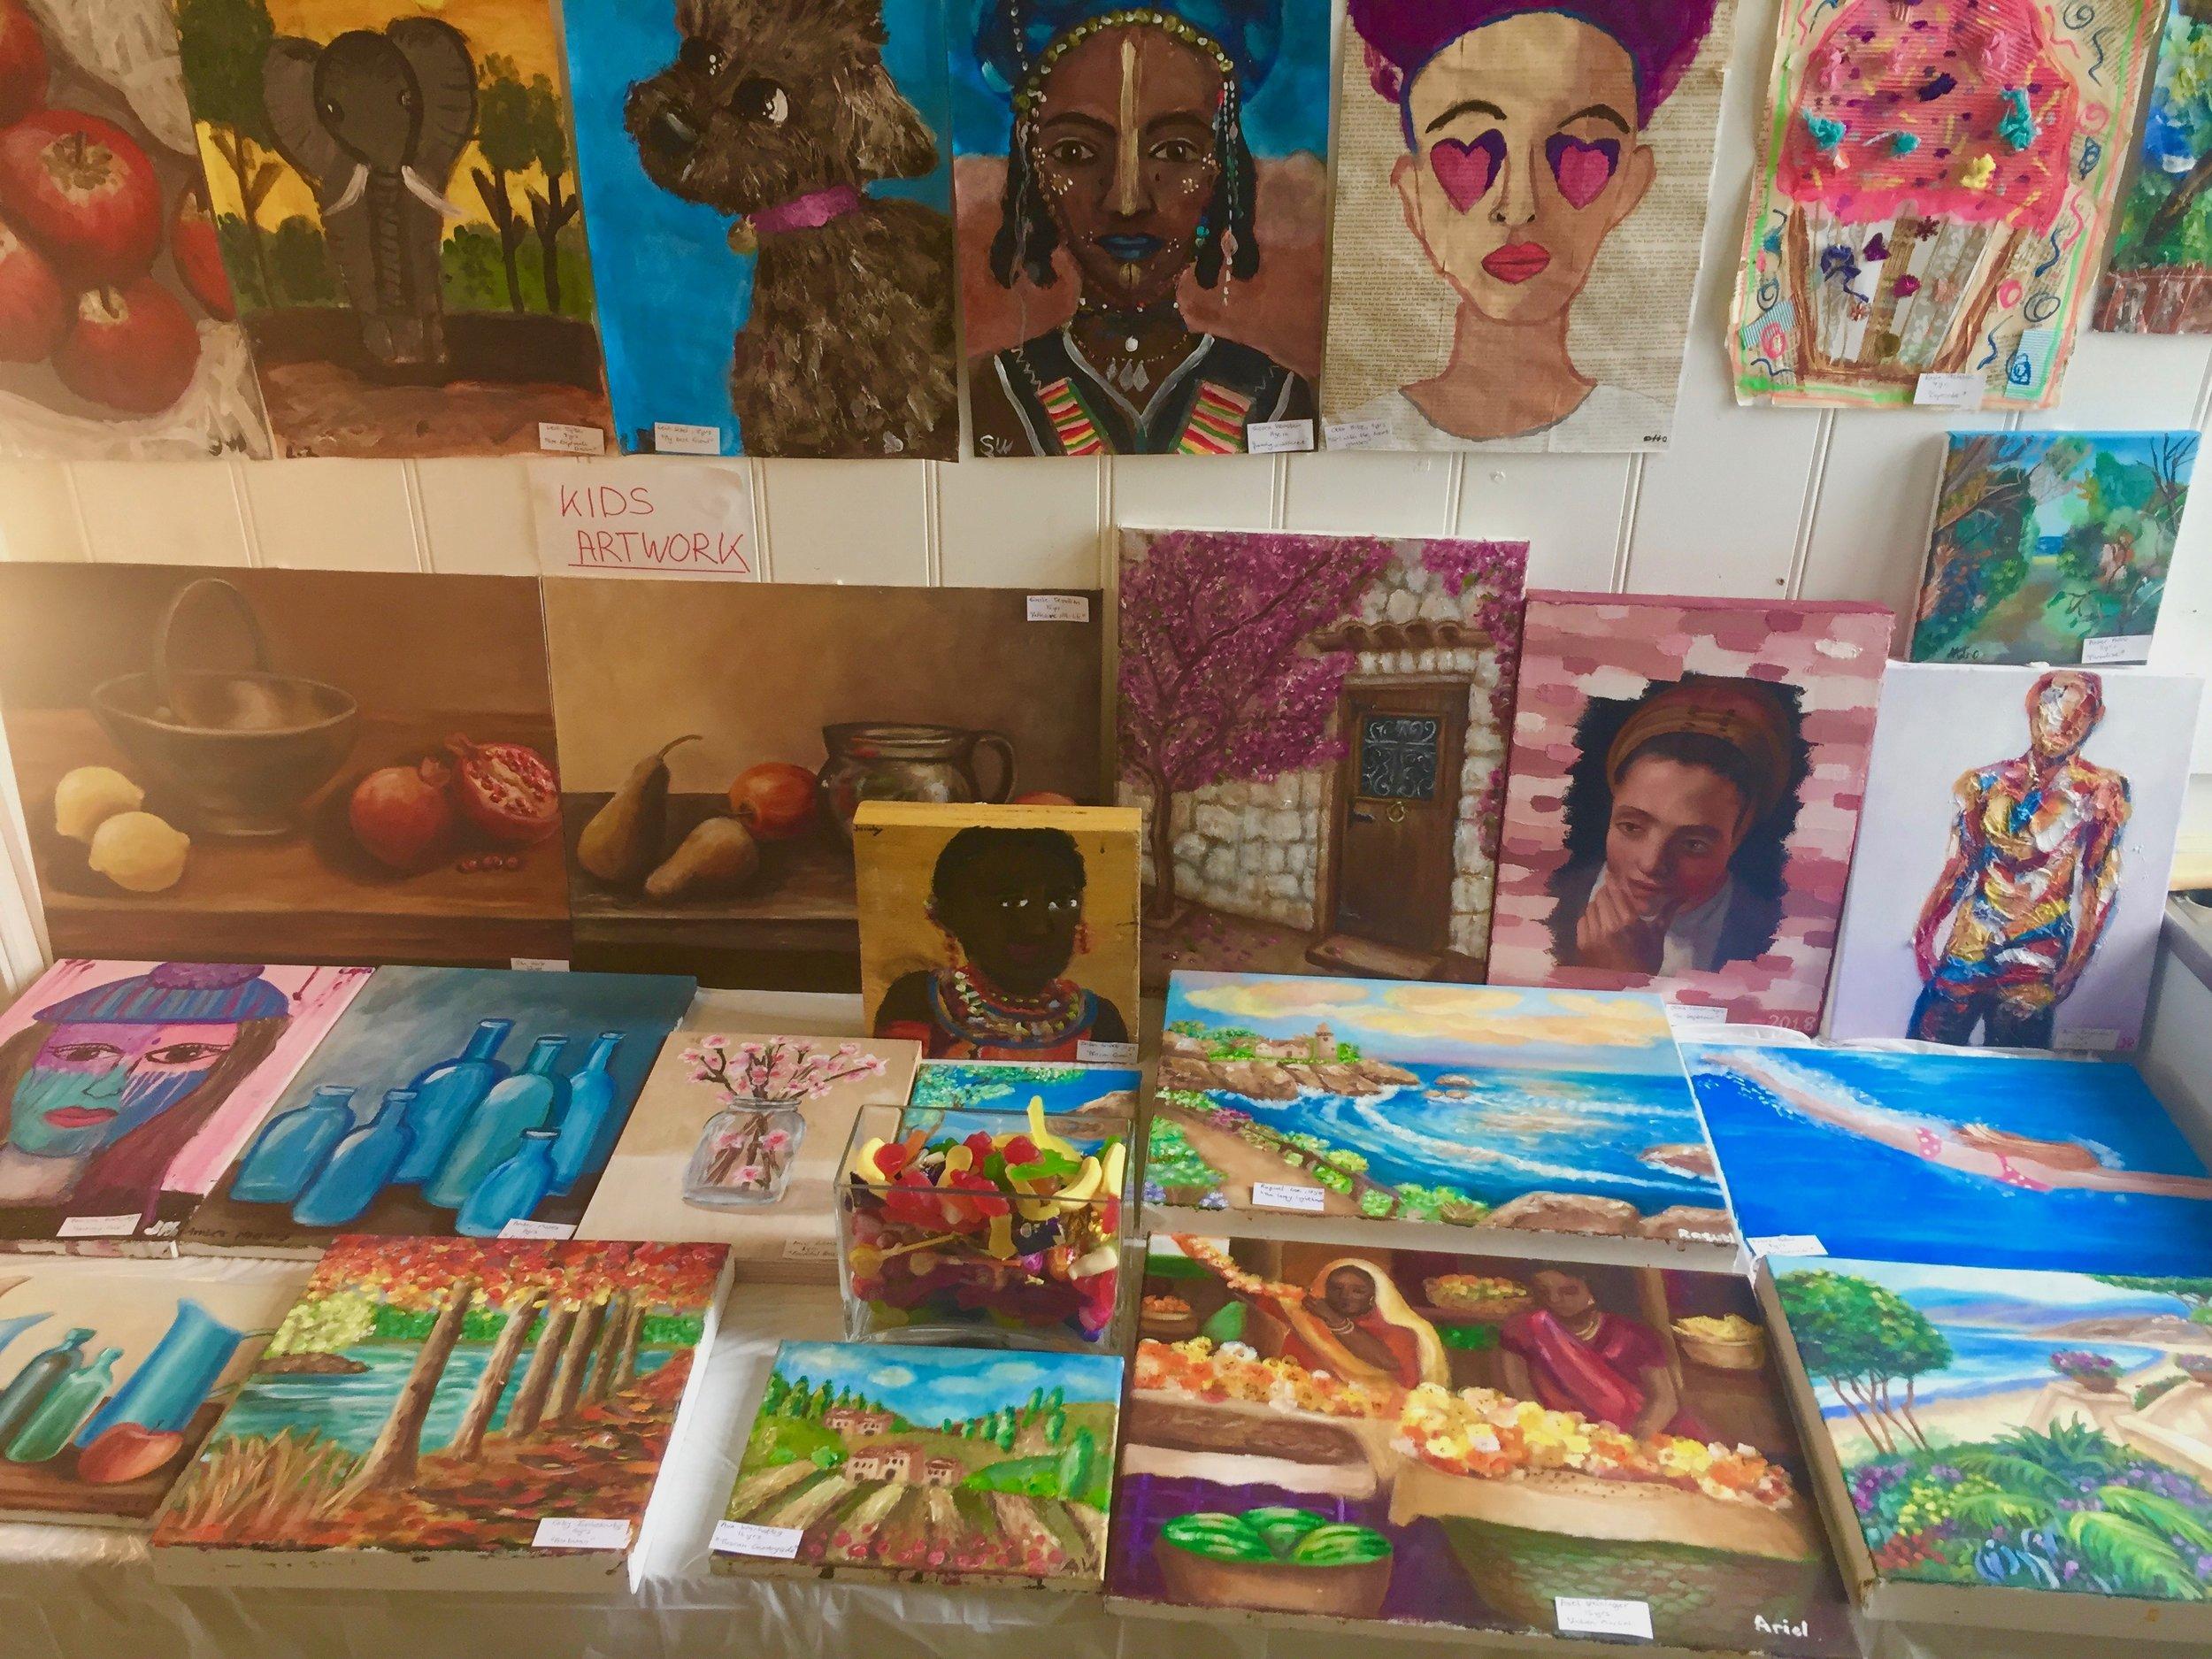 Pop Up Summer Exhibition, Kids Artwork